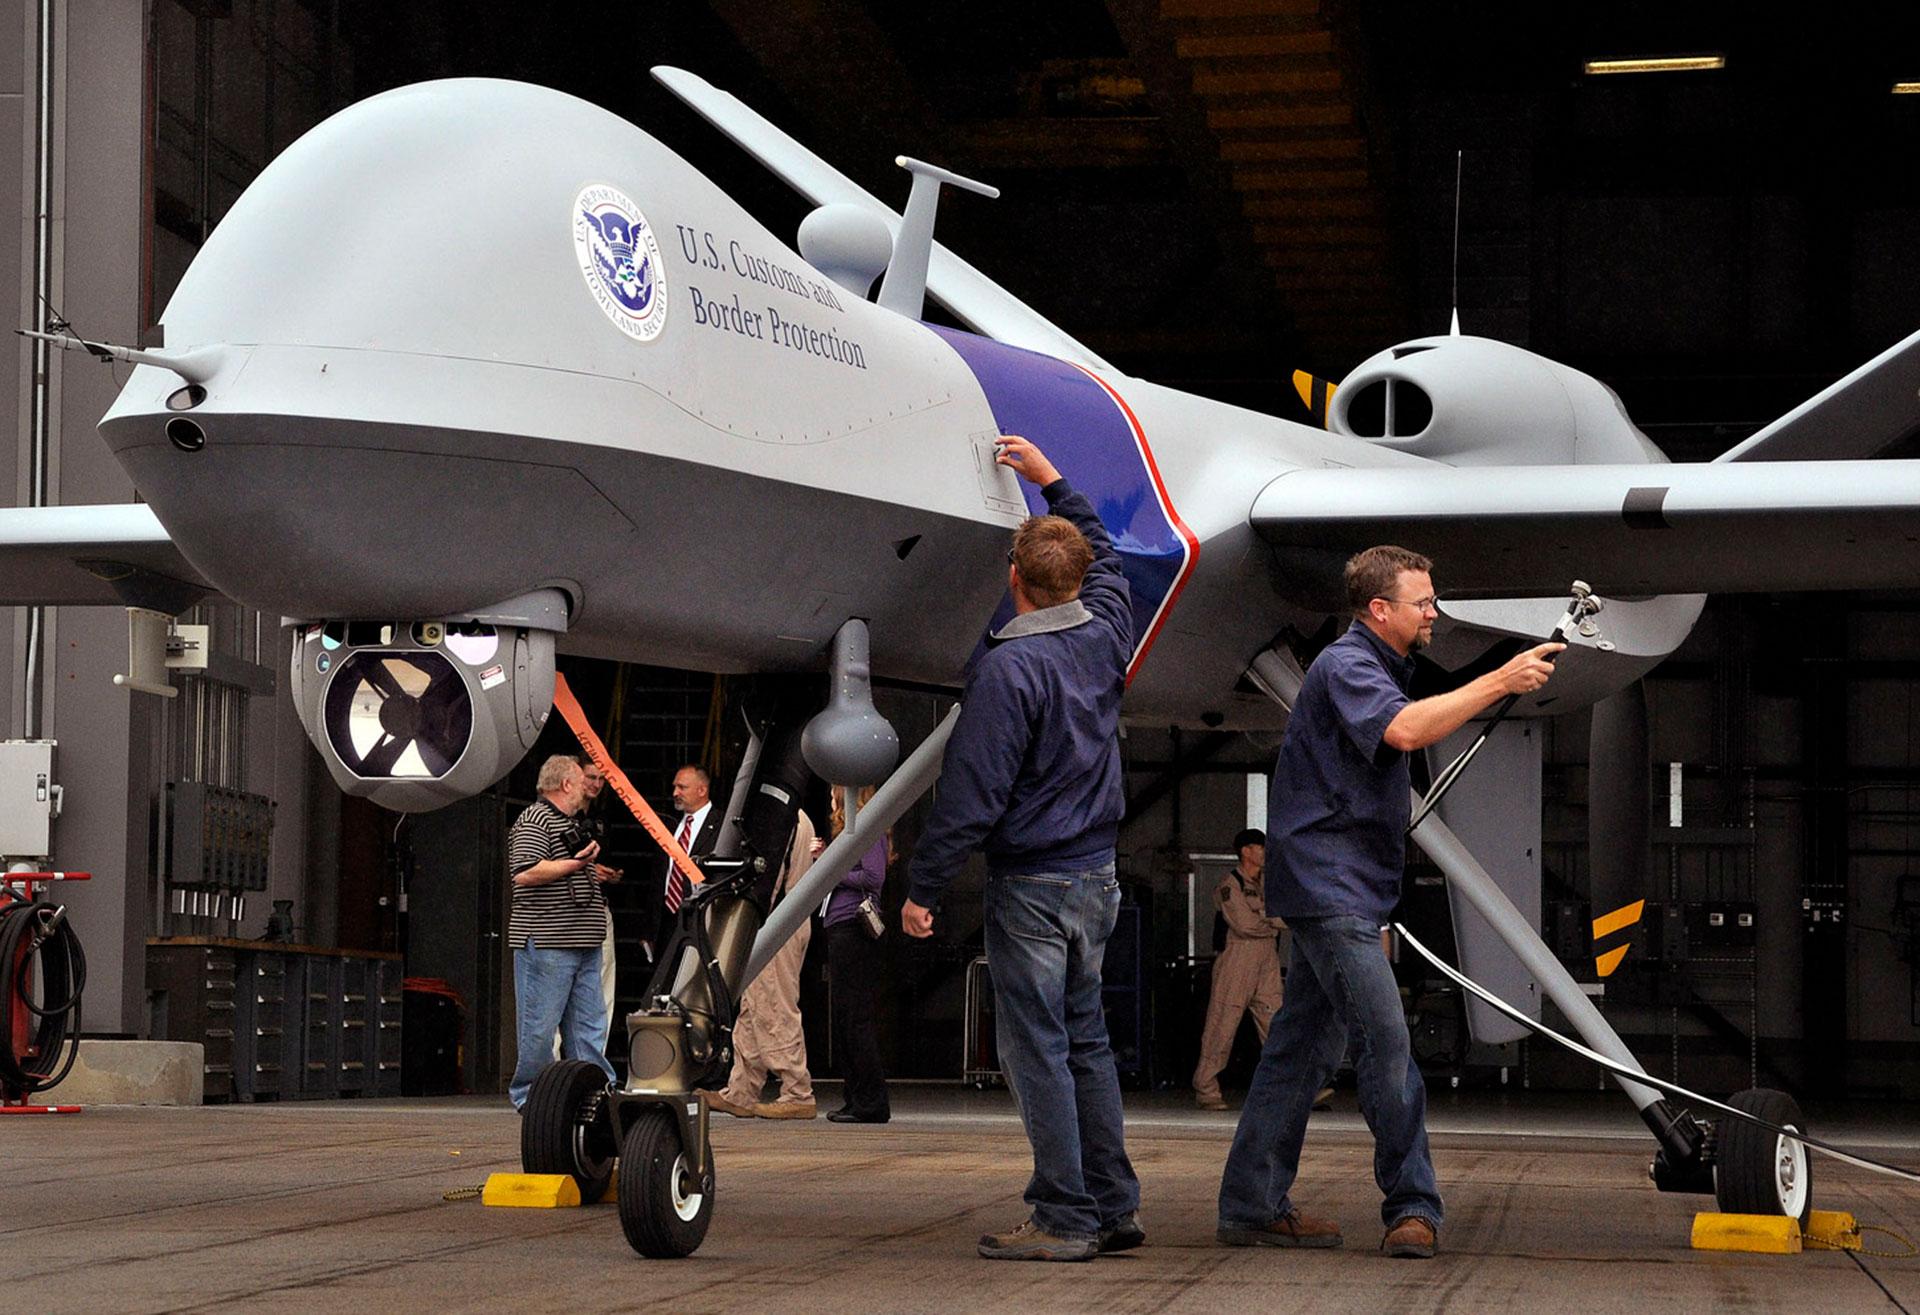 Un drone de inteligencia y ataque de última generación MQ-9 Reaper, desarrollado por General Atomics, una de las empresas atacadas (AP)